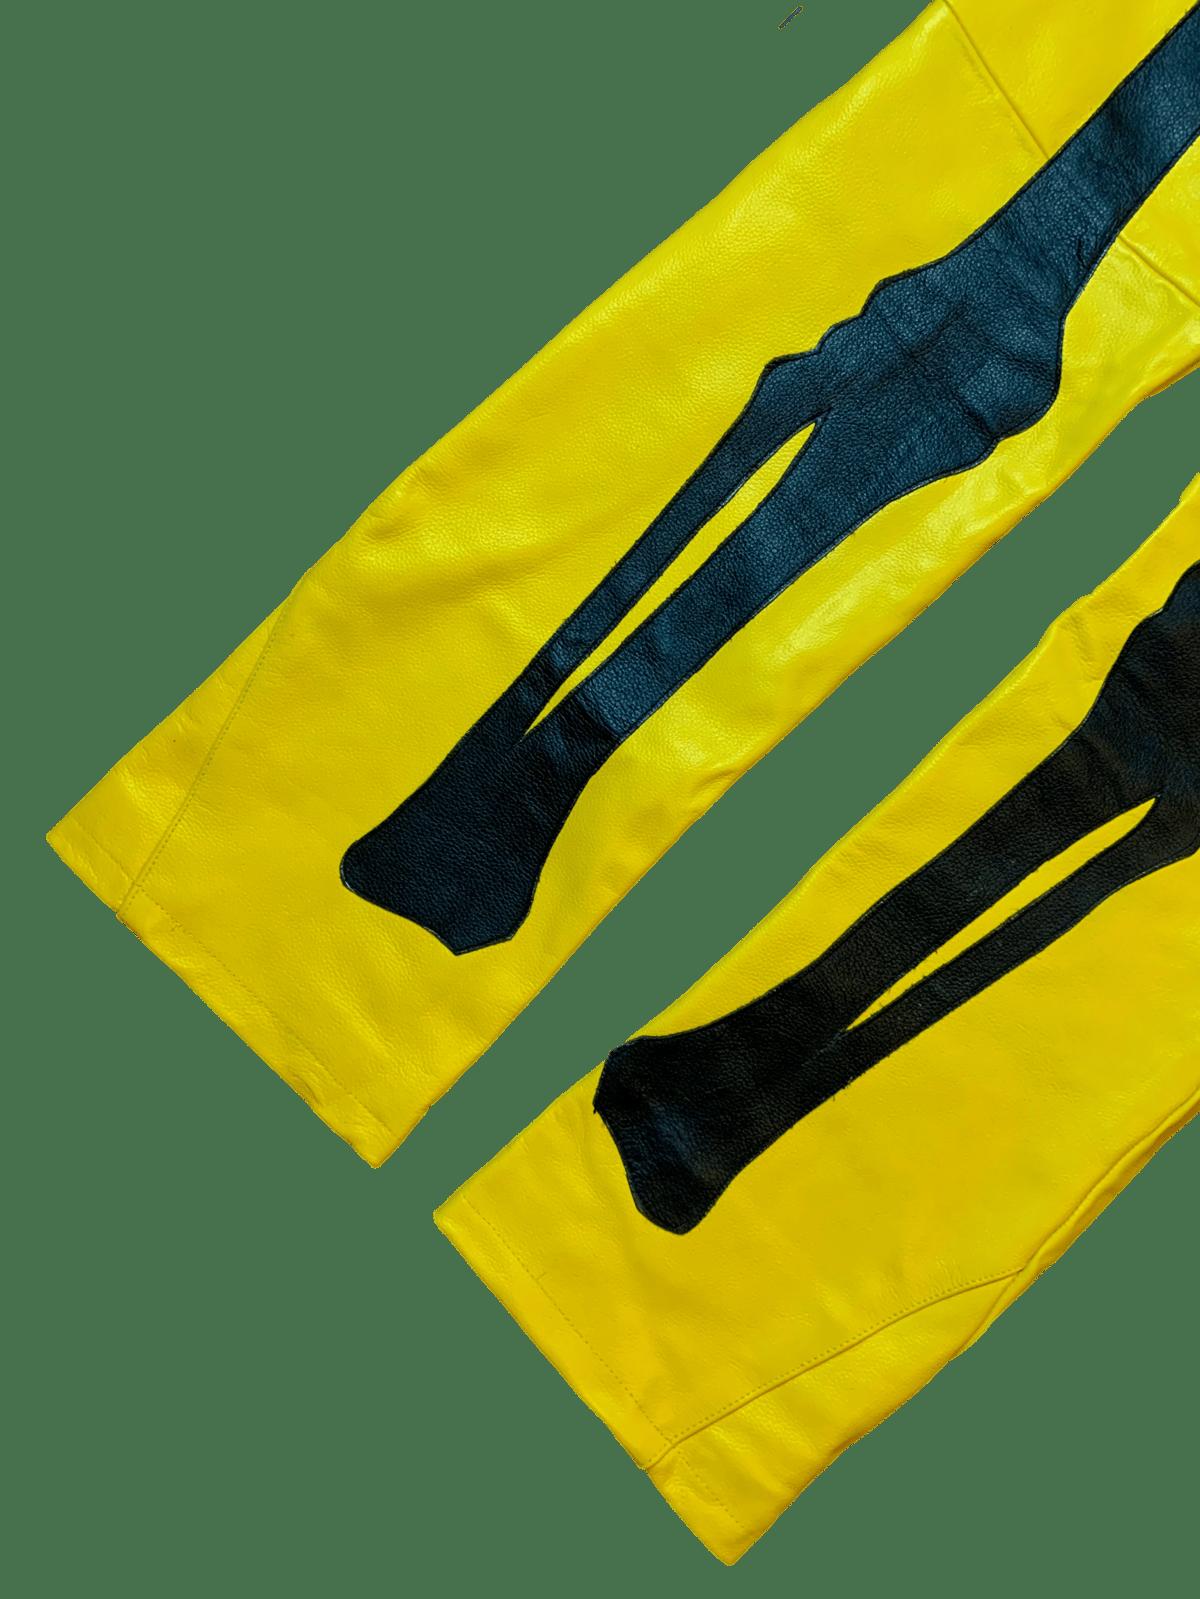 Image of BUMBLEBEE FLARED BONES LEATHER PANTS